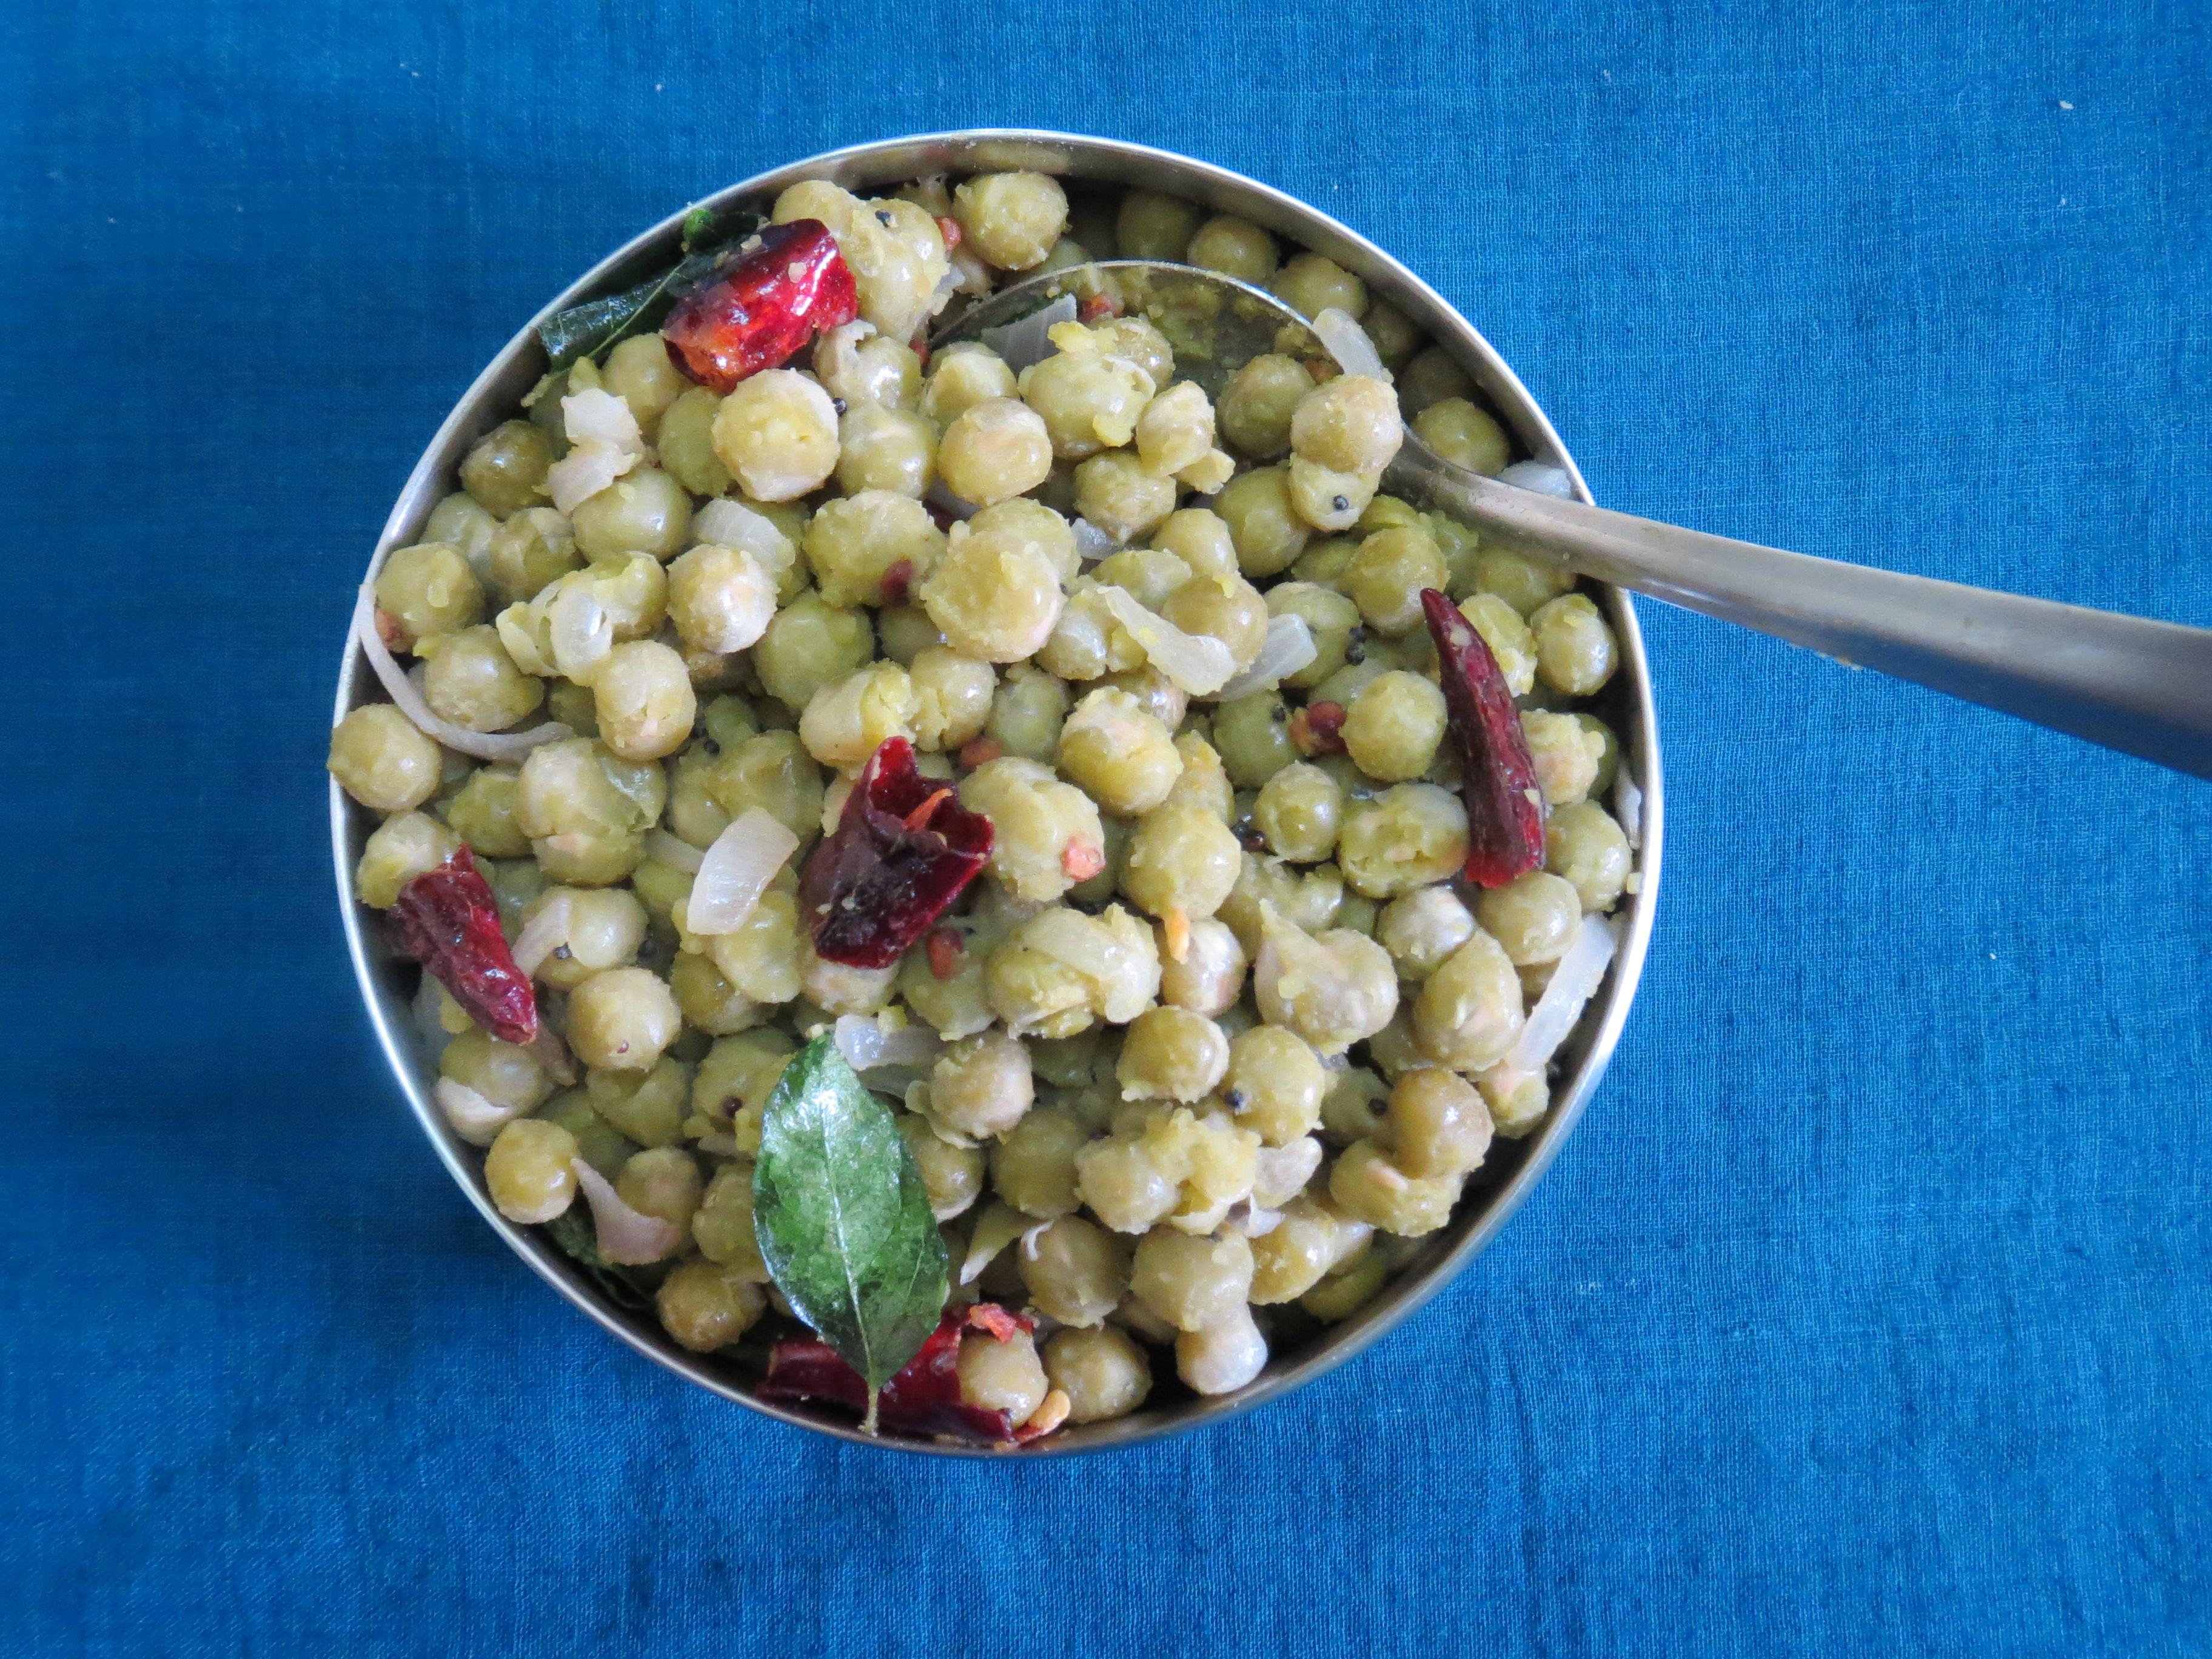 5 आसान होममेड स्नैक्स आप इस आयुध पूजा को ट्राई कर सकते हैं | 5 Best & Easy Homemade Snacks you can try this Ayudha Pooja